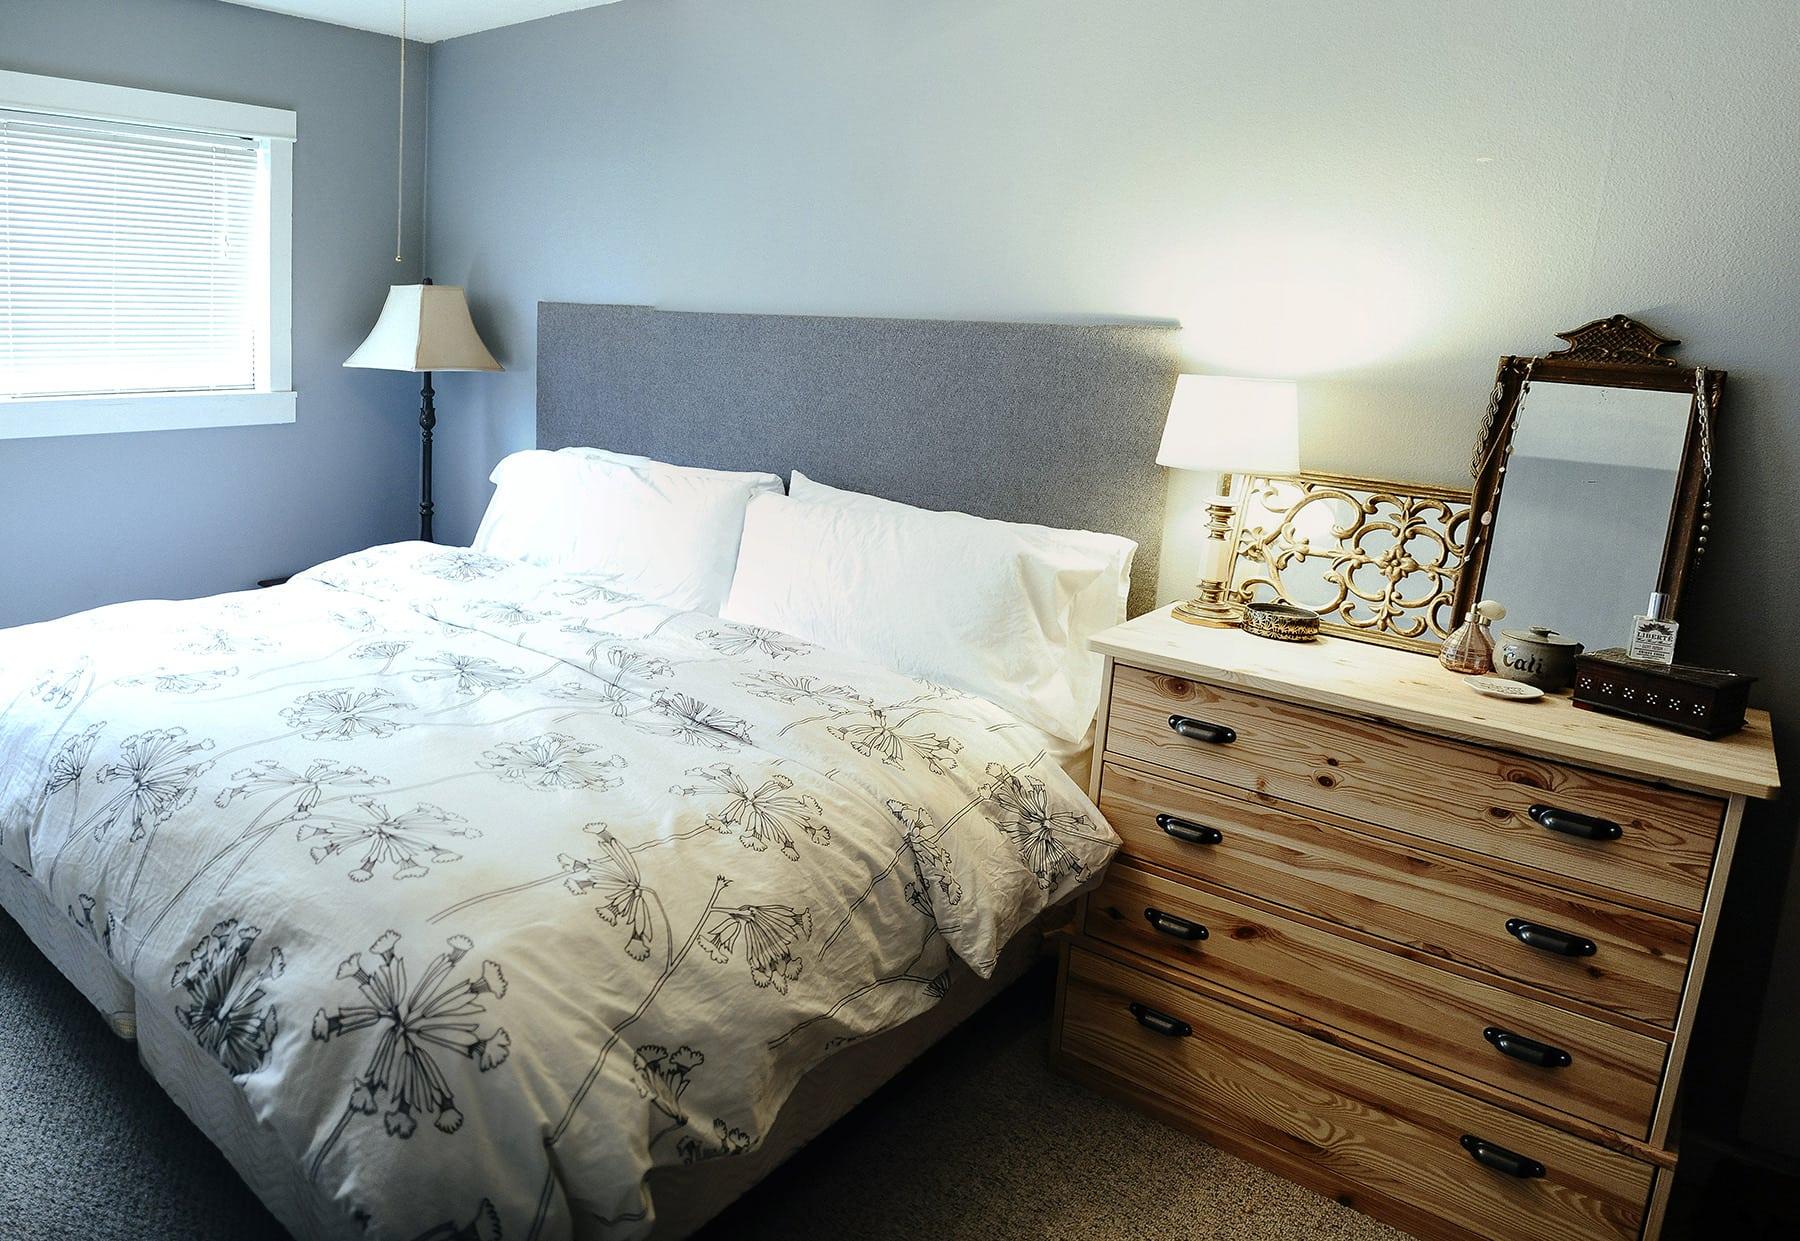 Cabeceros de cama elegantes y originales - Hacer cabecero cama barato ...